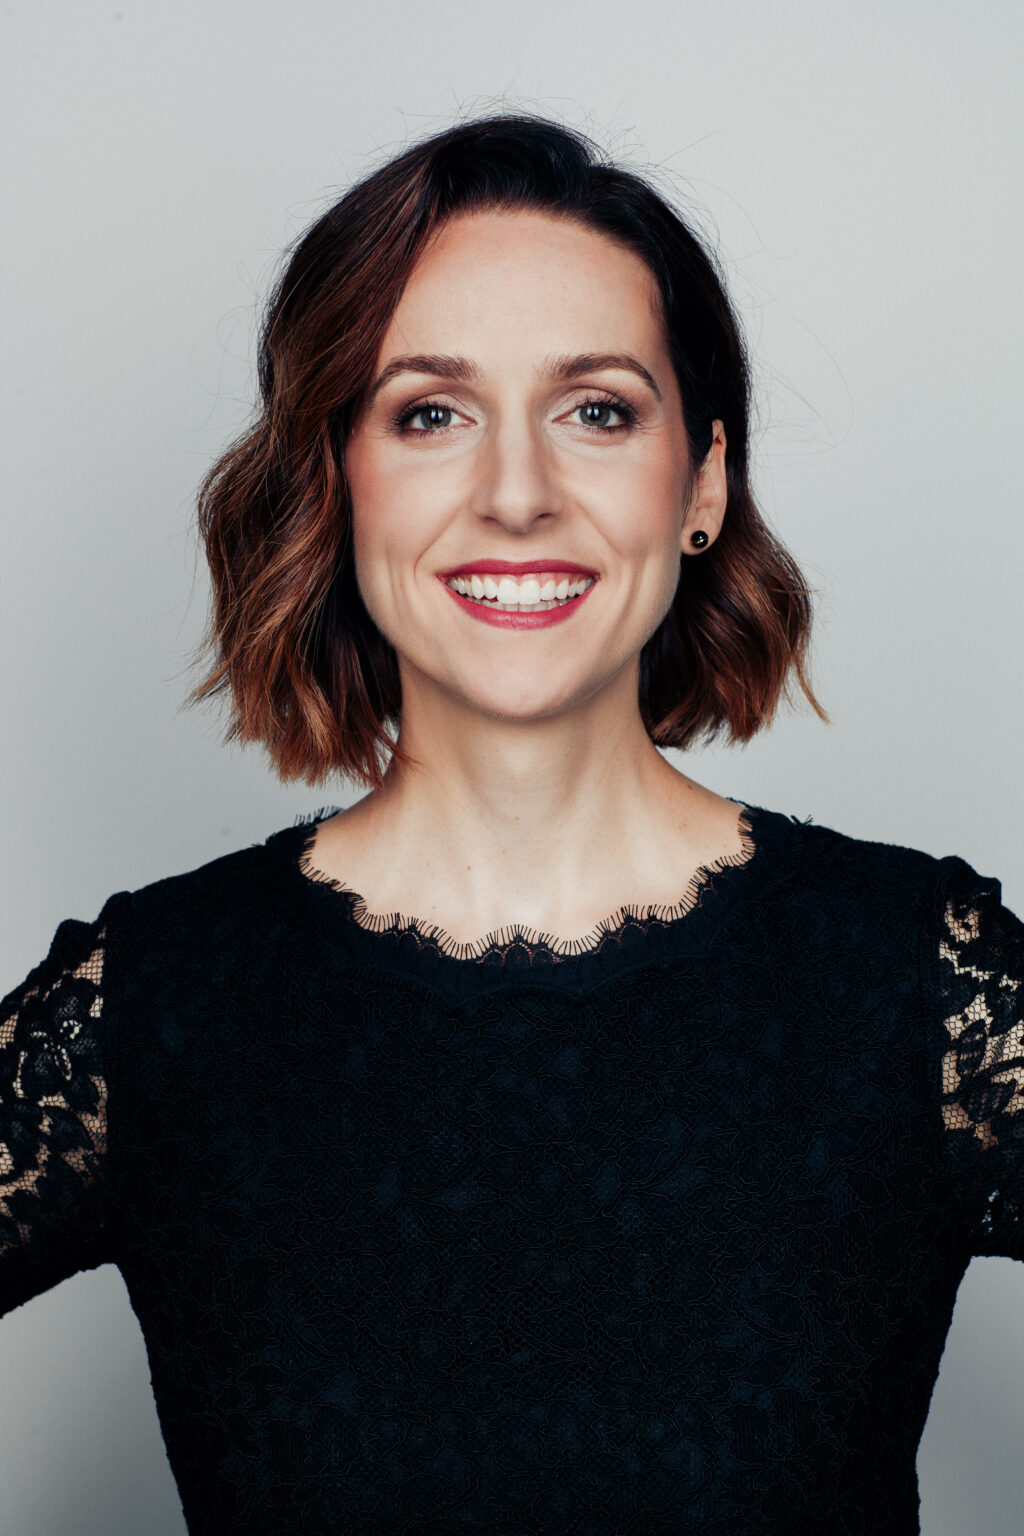 Portrait Sängerin Emili Lorini vor weißem Hintergrund